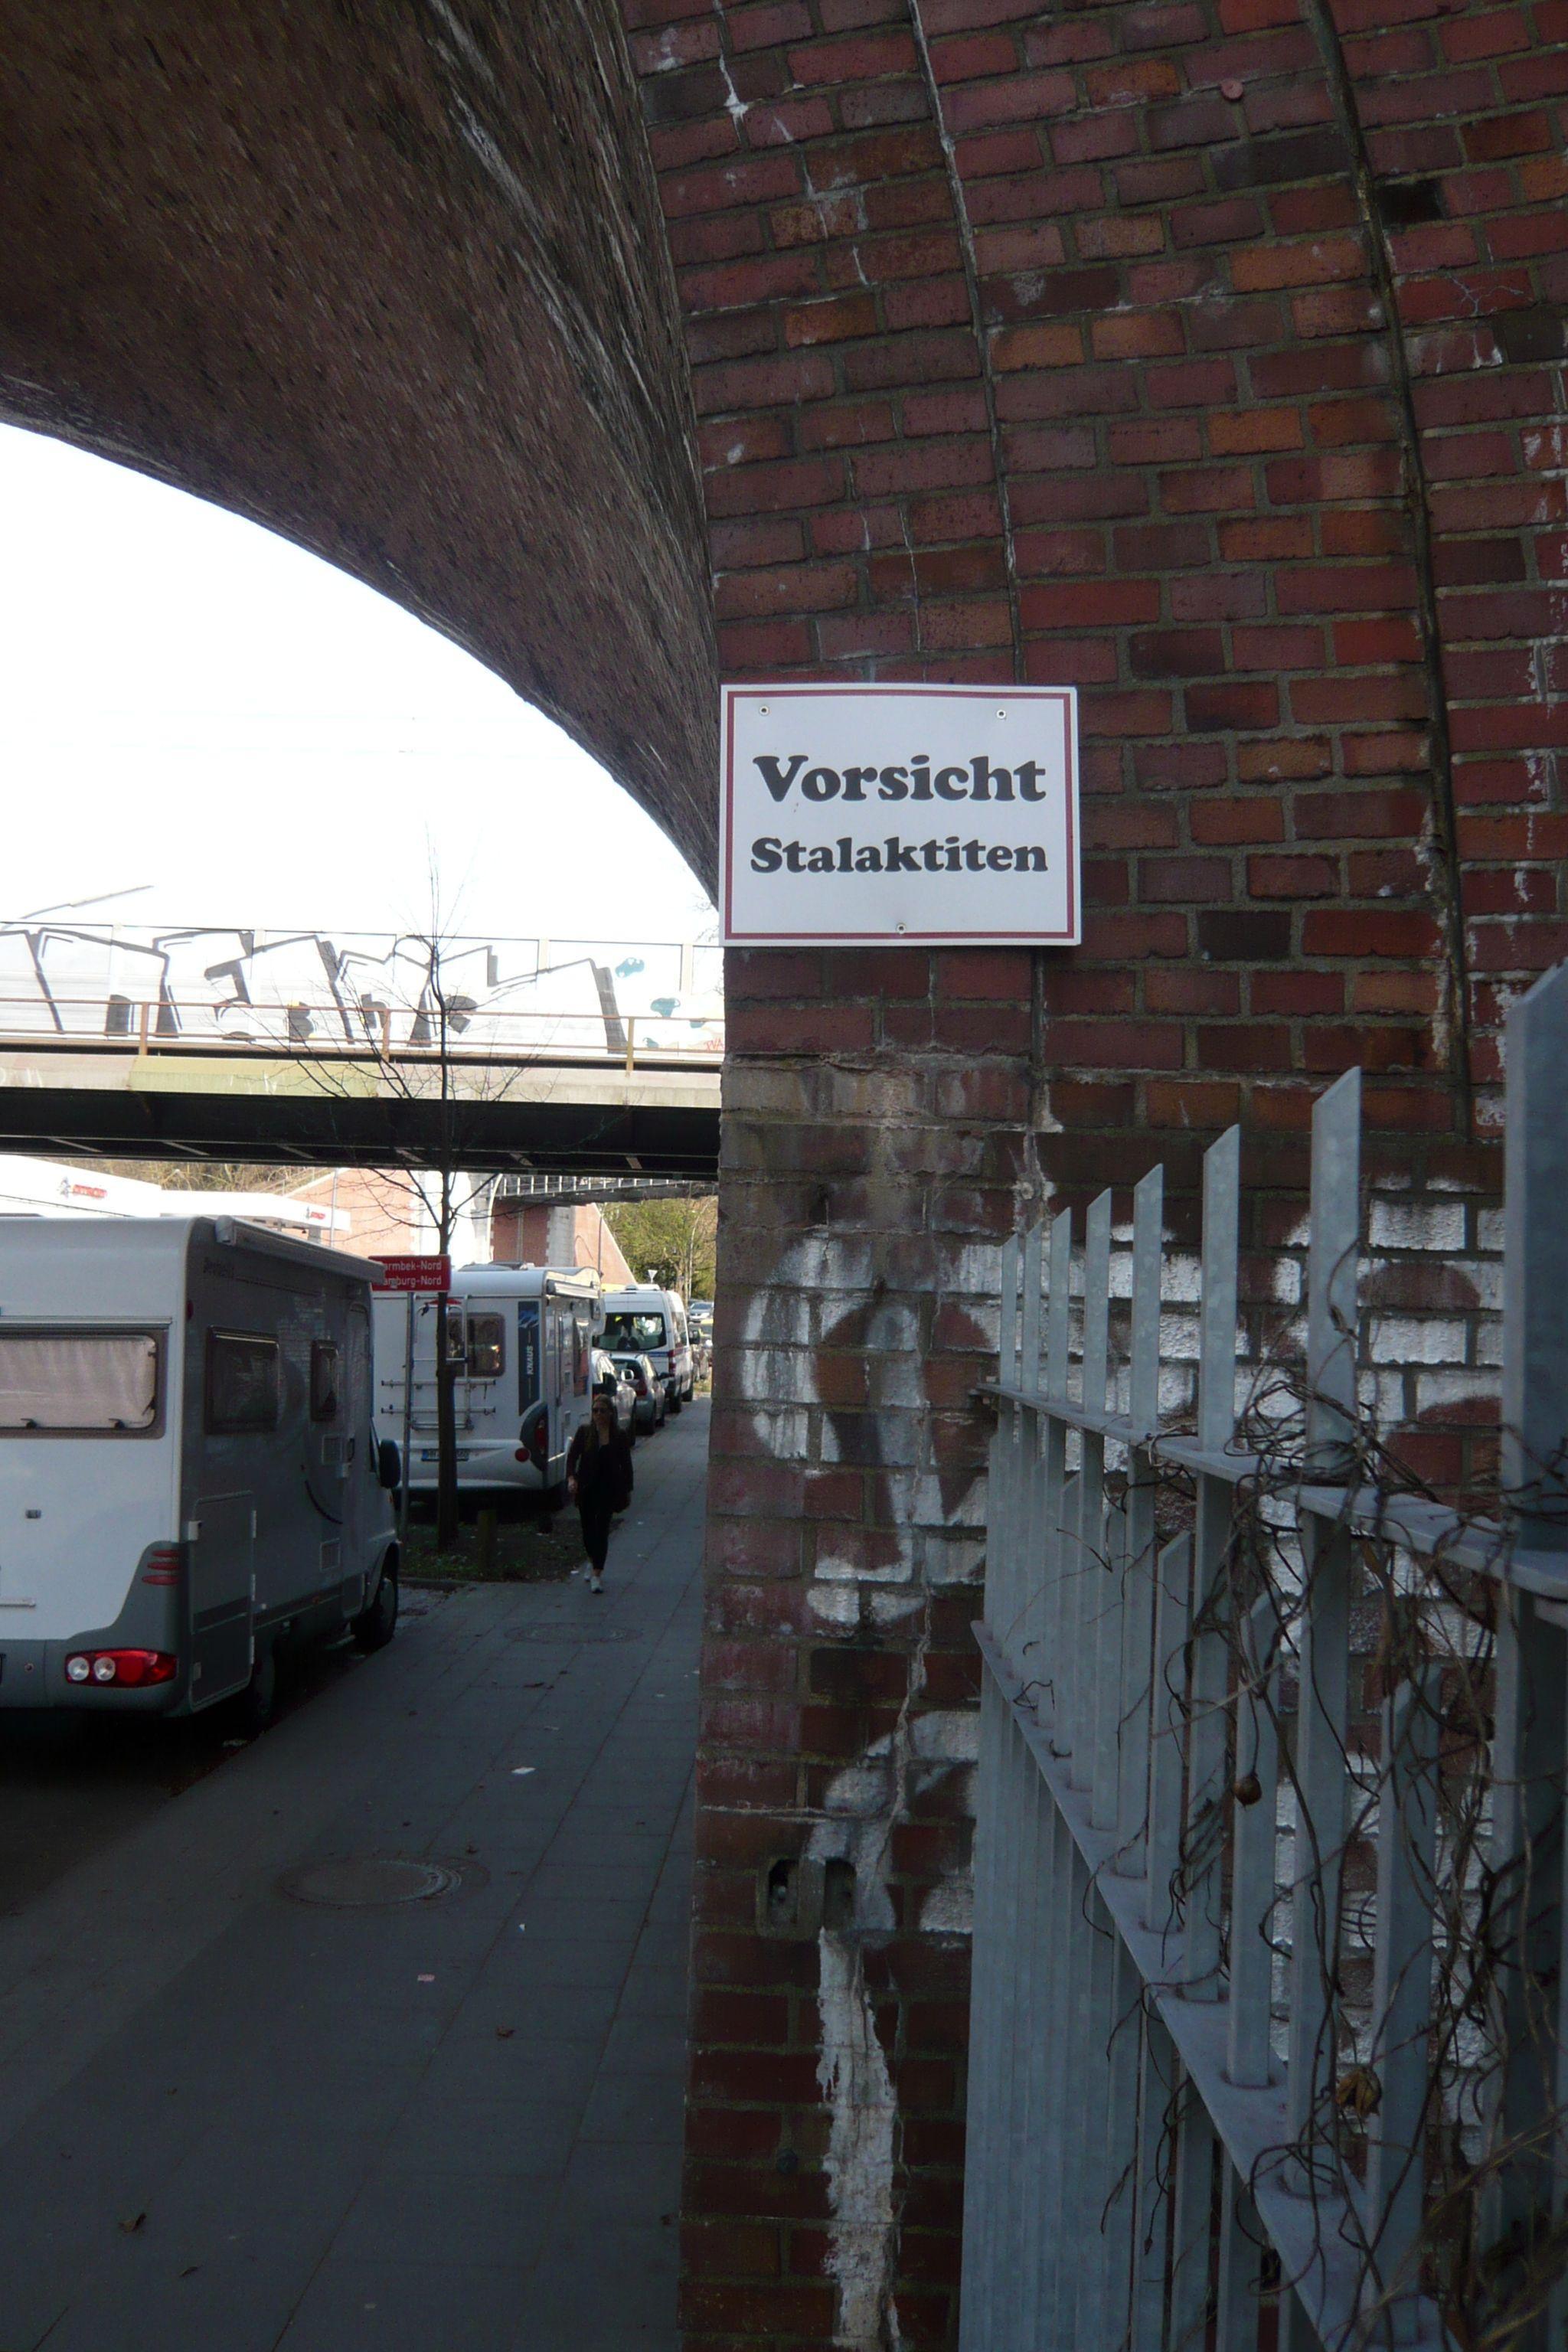 Irgendwann stimmt diese Warnung an der S-Bahn-Brücke in Barmbek bestimmt. Dauert nur noch ein bisschen …